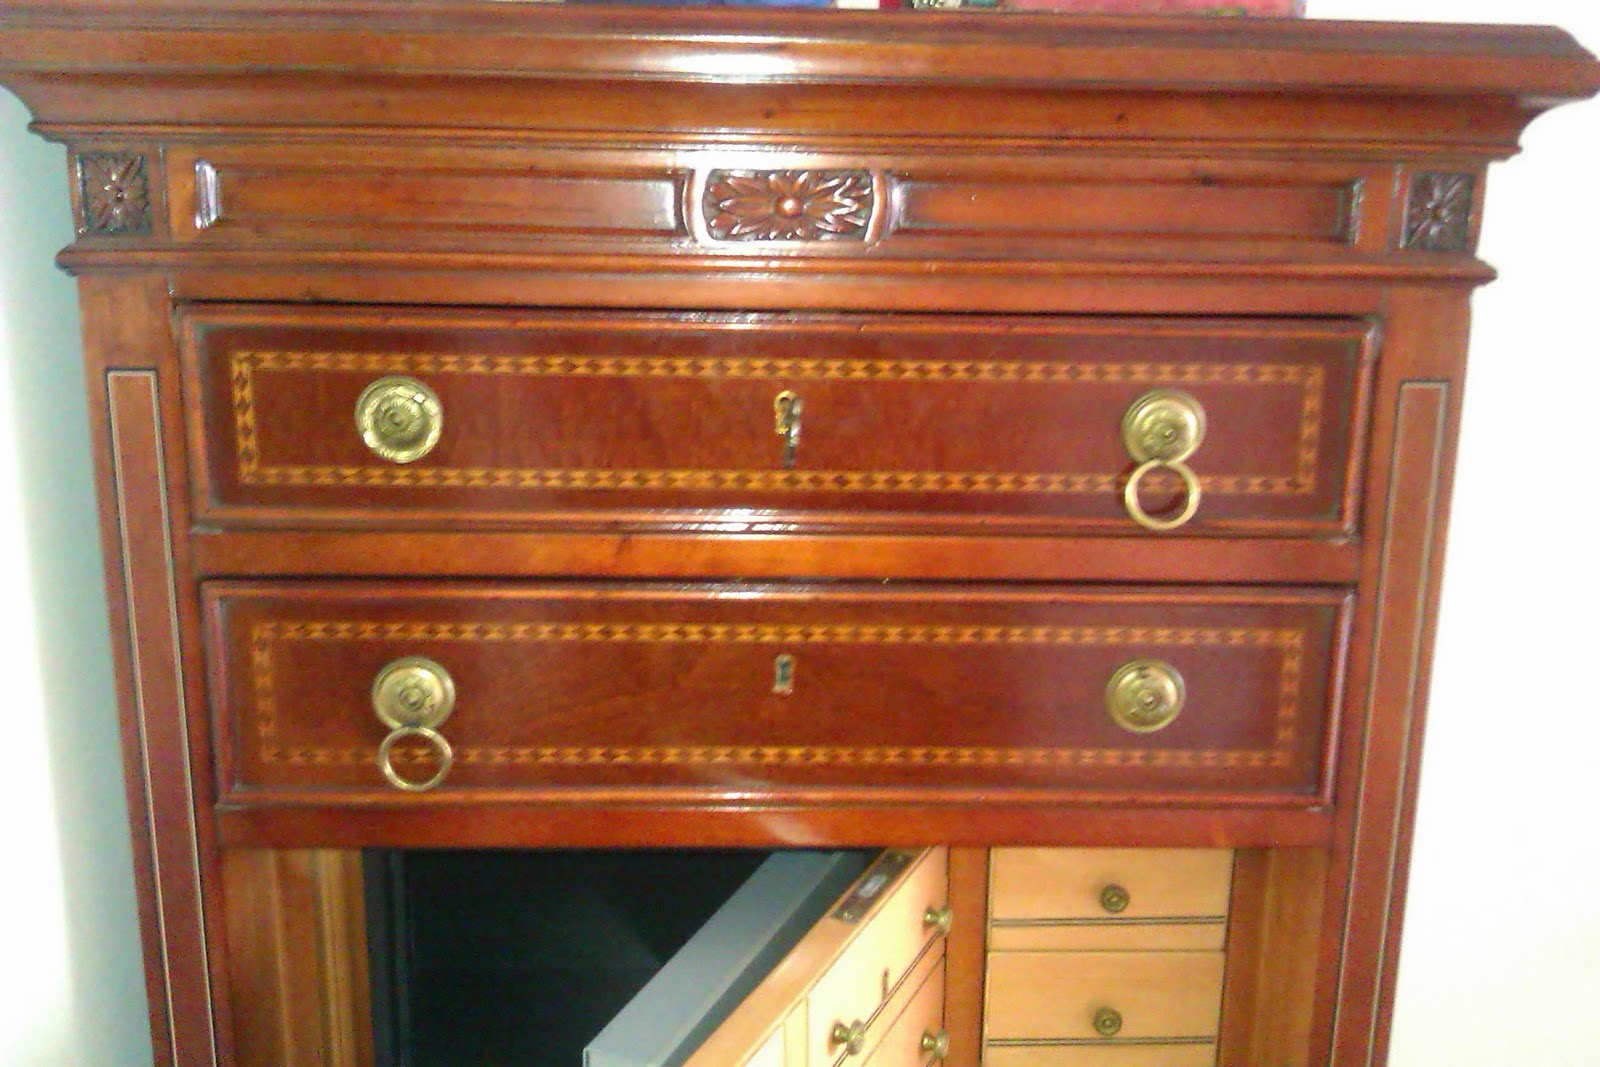 AntiquesSecreter Neoclasico AntiquesSecreter Neoclasico AntiquesSecreter Neoclasico Martha Martha Martha SUMqpVz